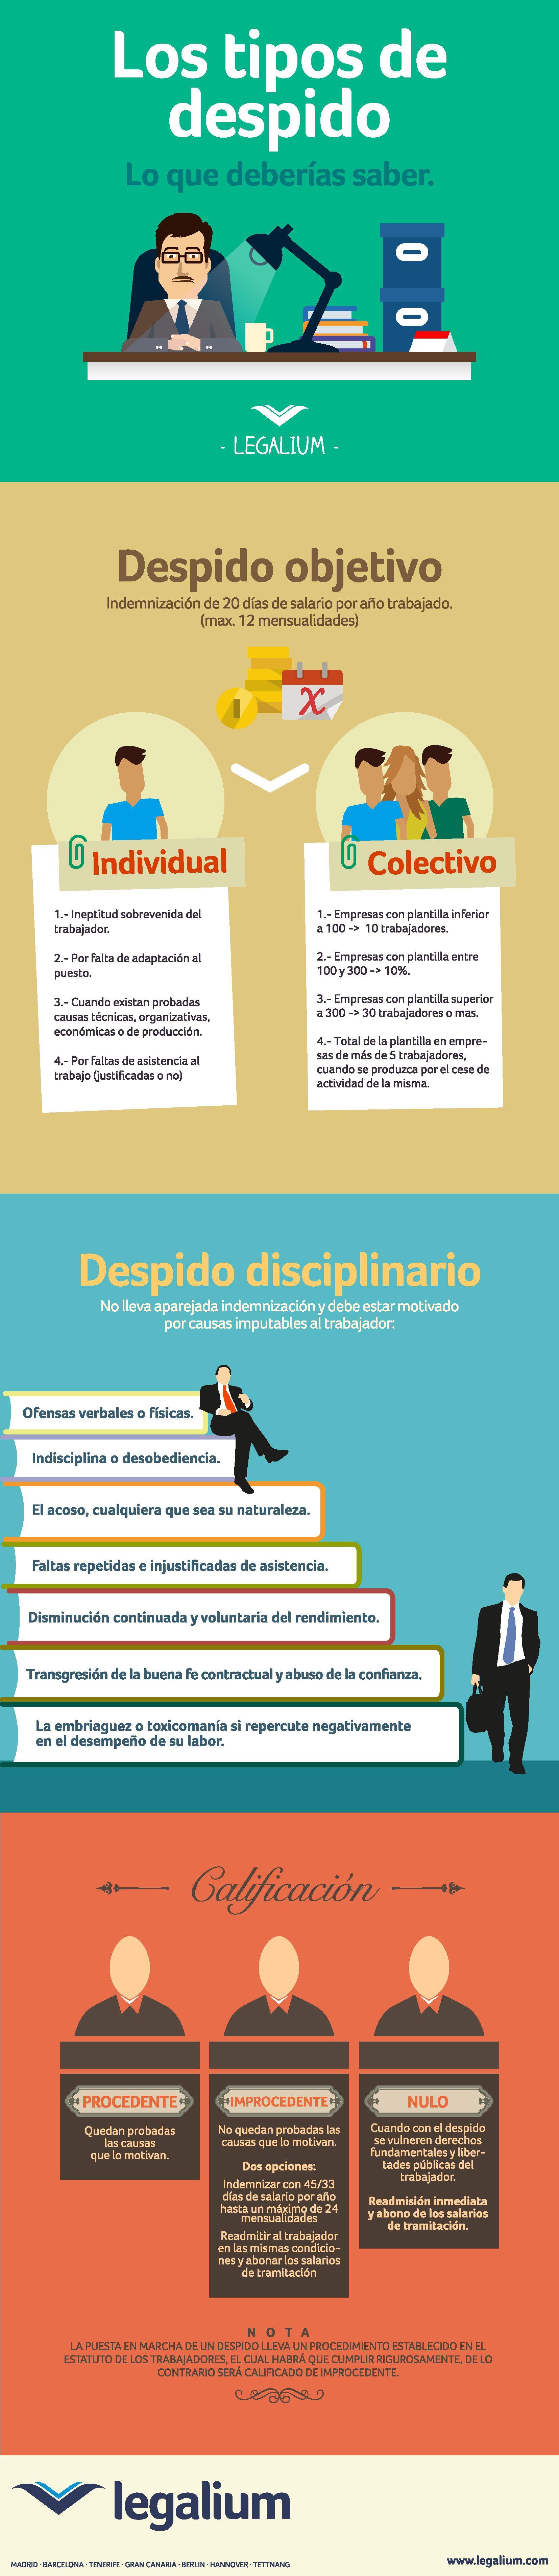 Infografía Los Tipos De Despido Por Legalium Me Despido De Ti Recursos Humanos Trabajo